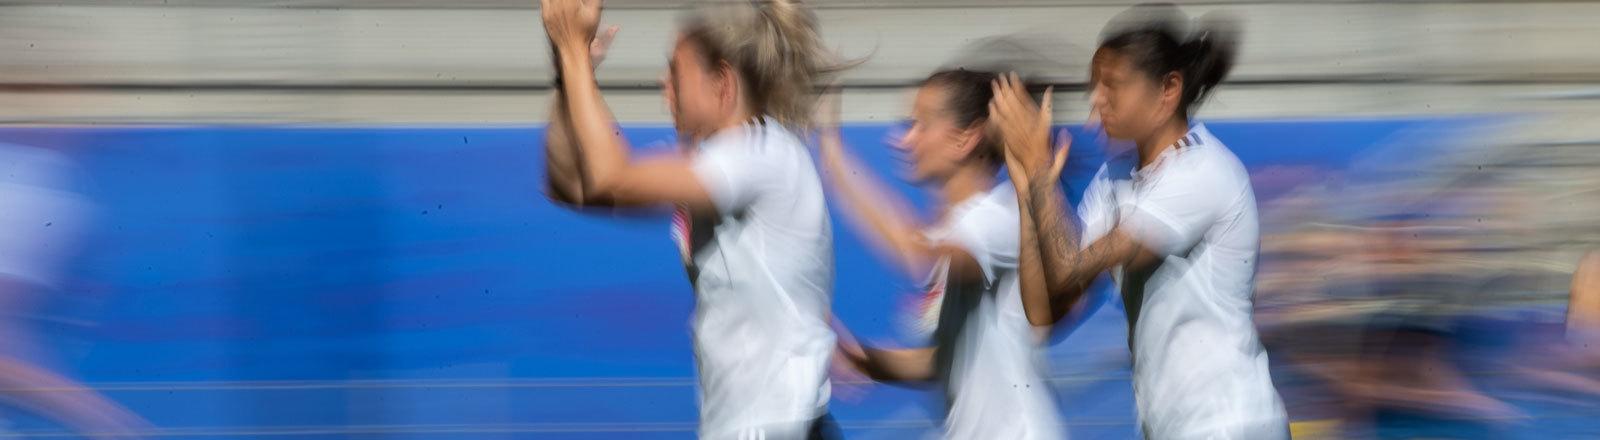 Drei Spielerinnen der Deutschen Fußball-Nationalmannschaft laufen beim Spiel Deutschland - Schweden über den Platz. Sie sind unscharf - klatschen beim Laufen in die Hände.